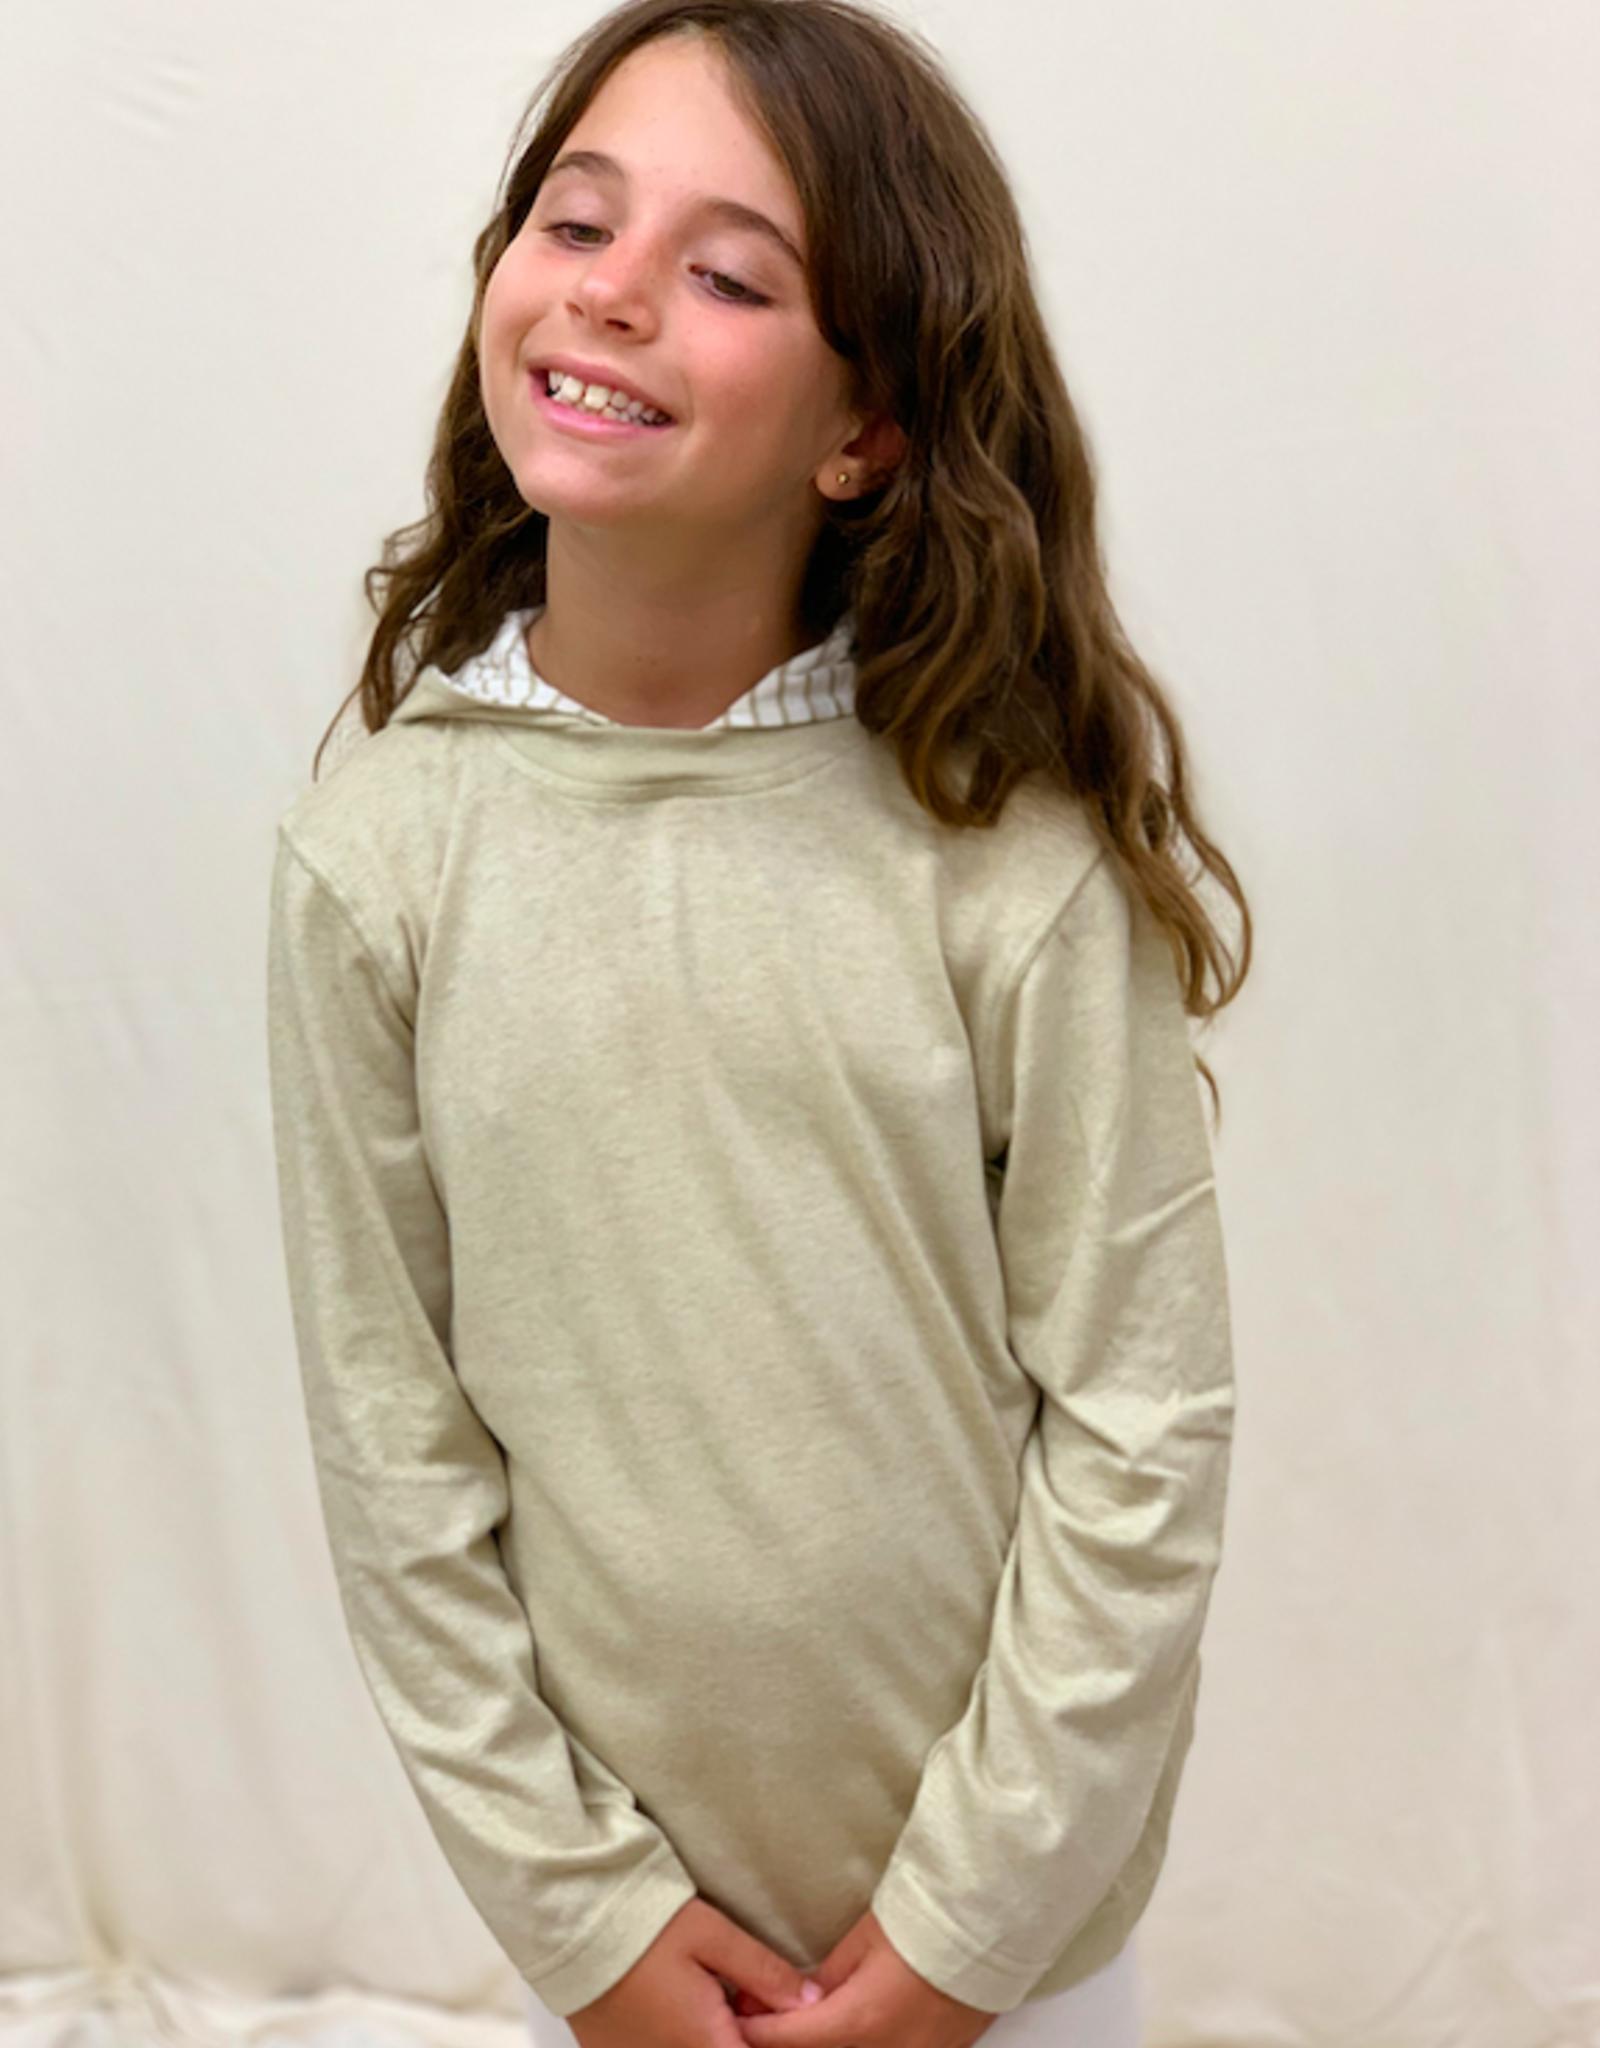 Camiseta junior manga larga con capucha. Tallas 2, 4, 6 años.